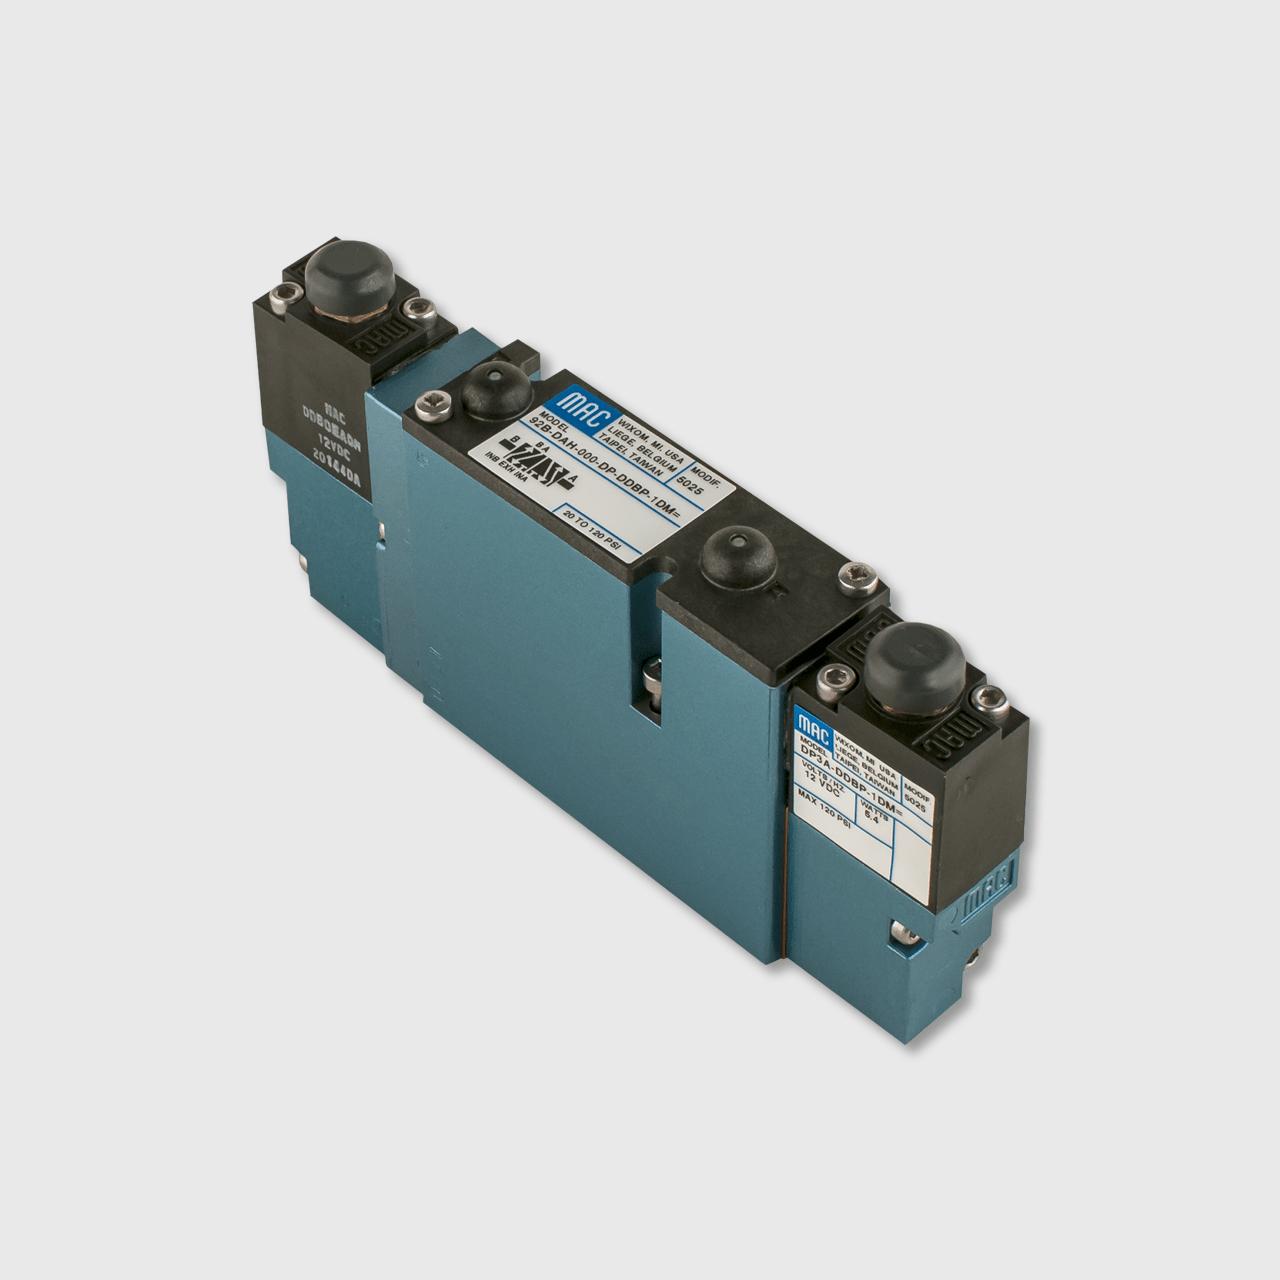 peterbilt circuit breaker [ 1280 x 1280 Pixel ]